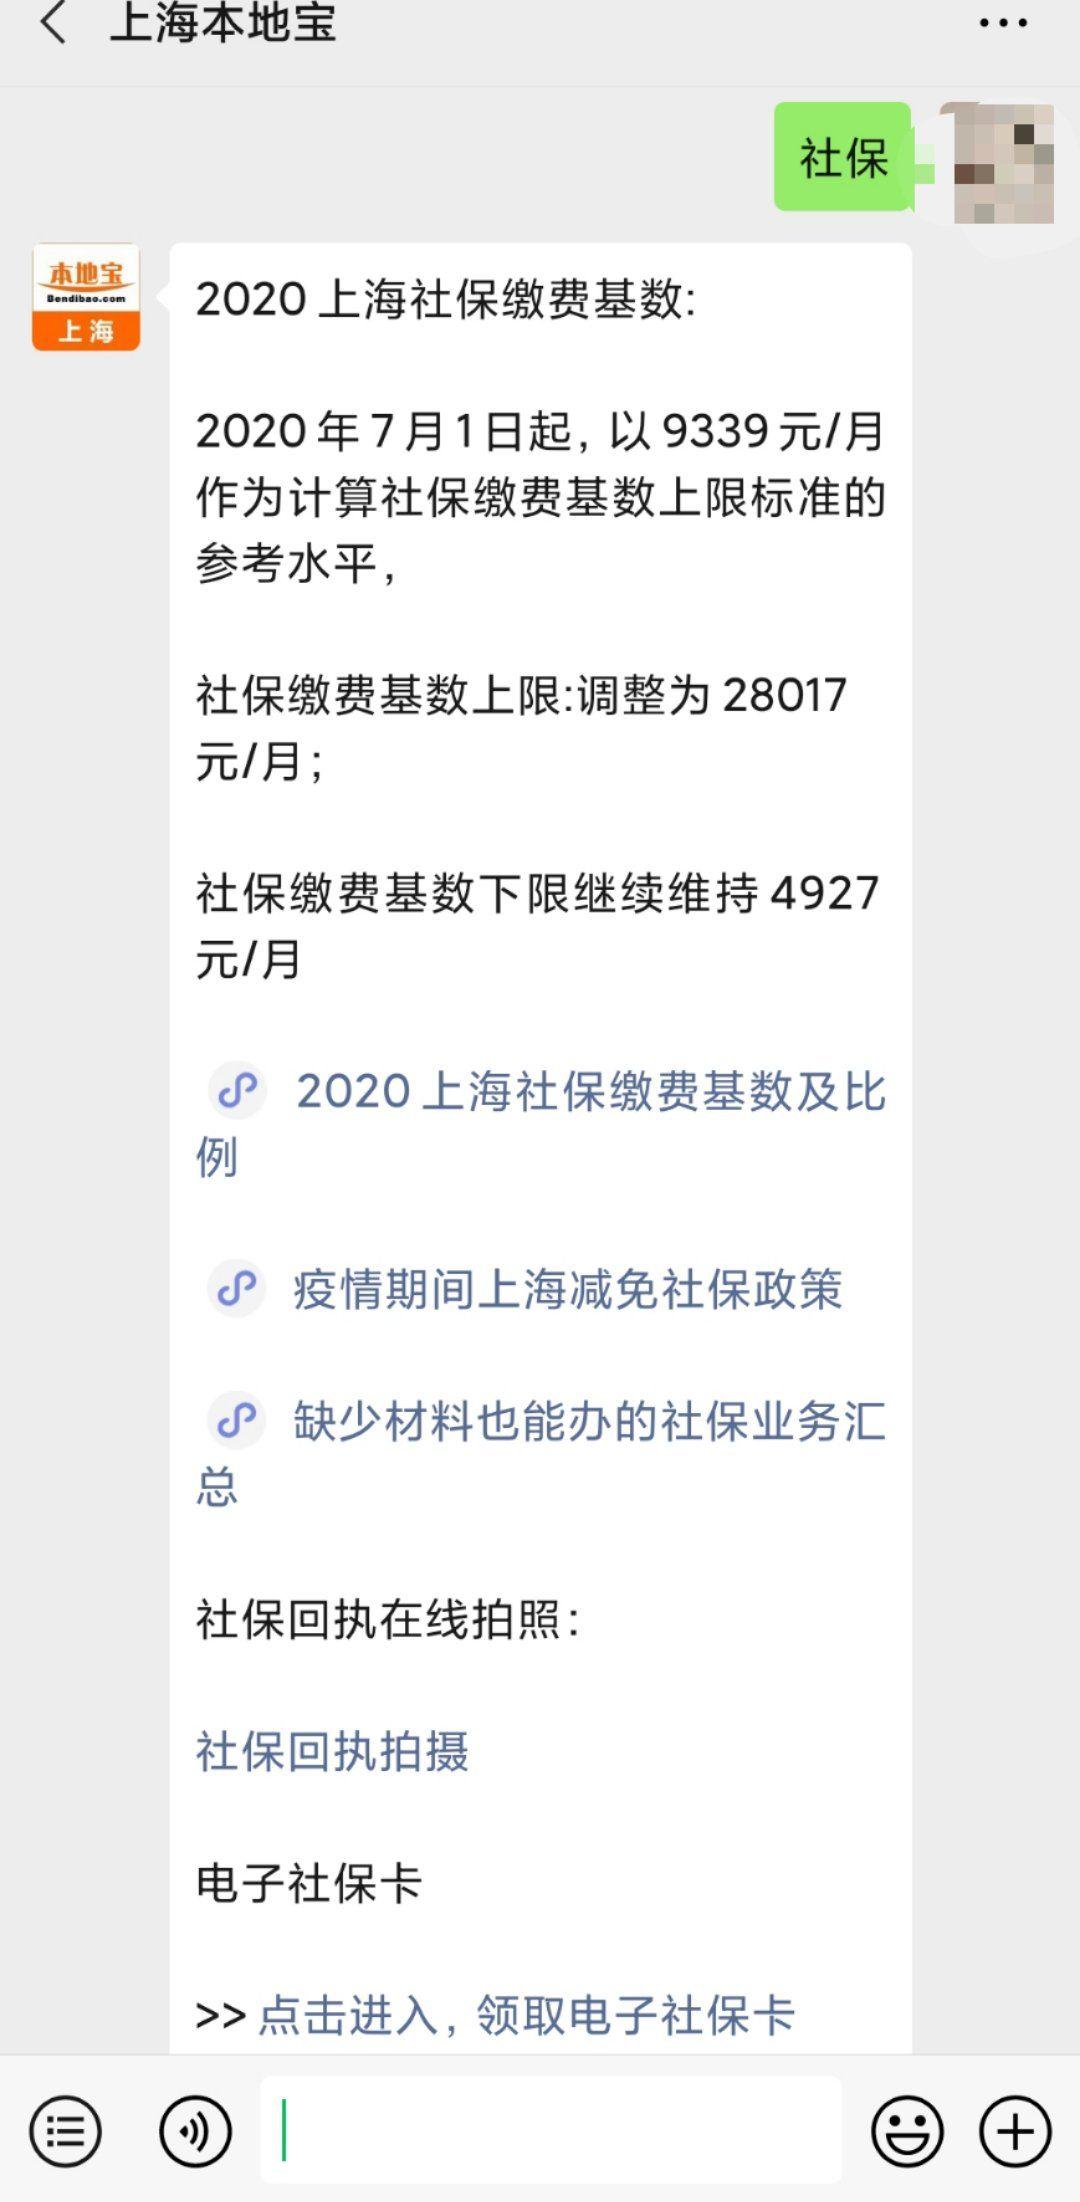 上海2019年平均工資是多少?